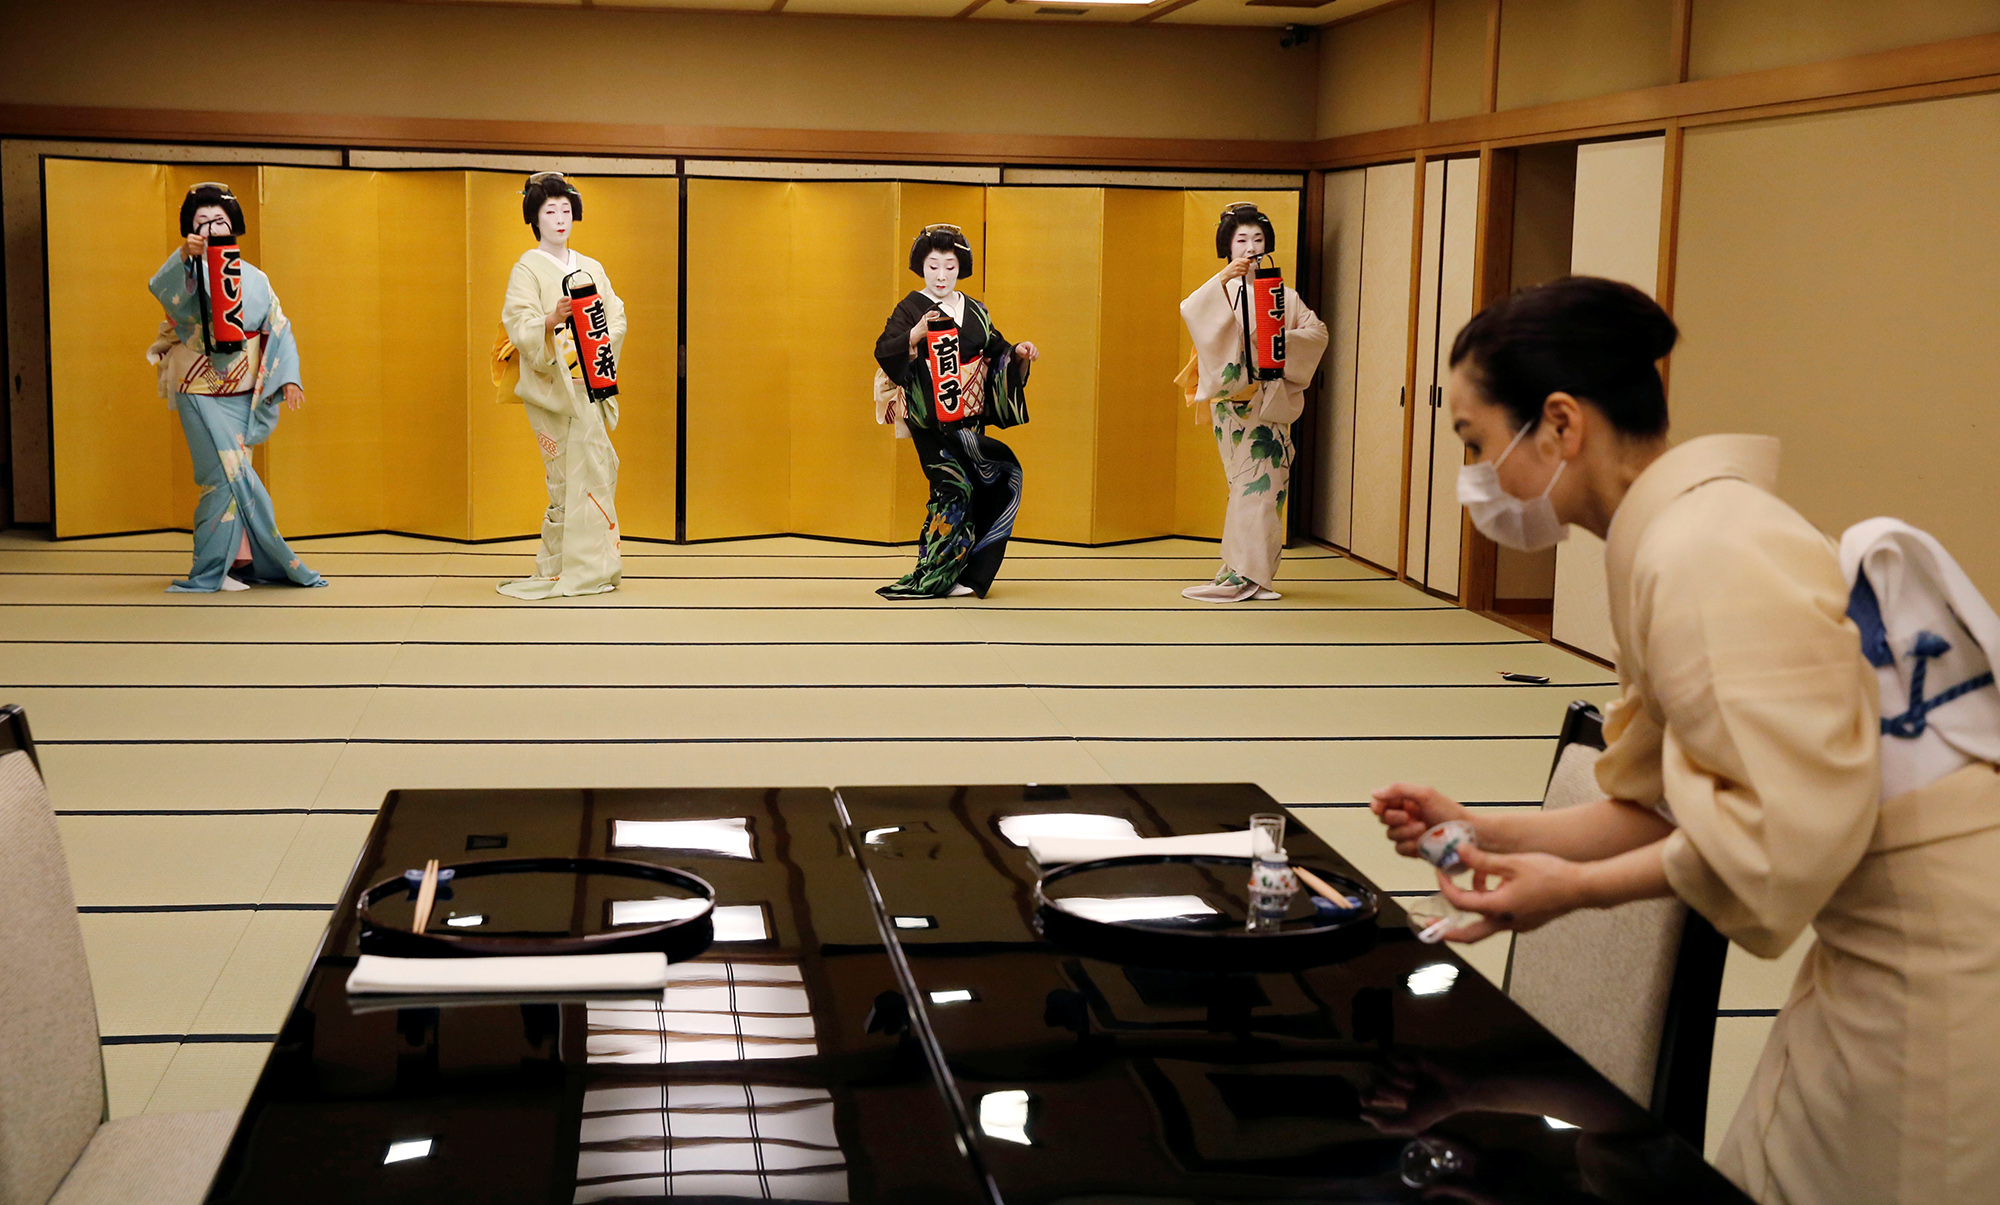 Гейши Коику, Маки, Икуко иМаю исполняют танец длякорреспондента Reuters.